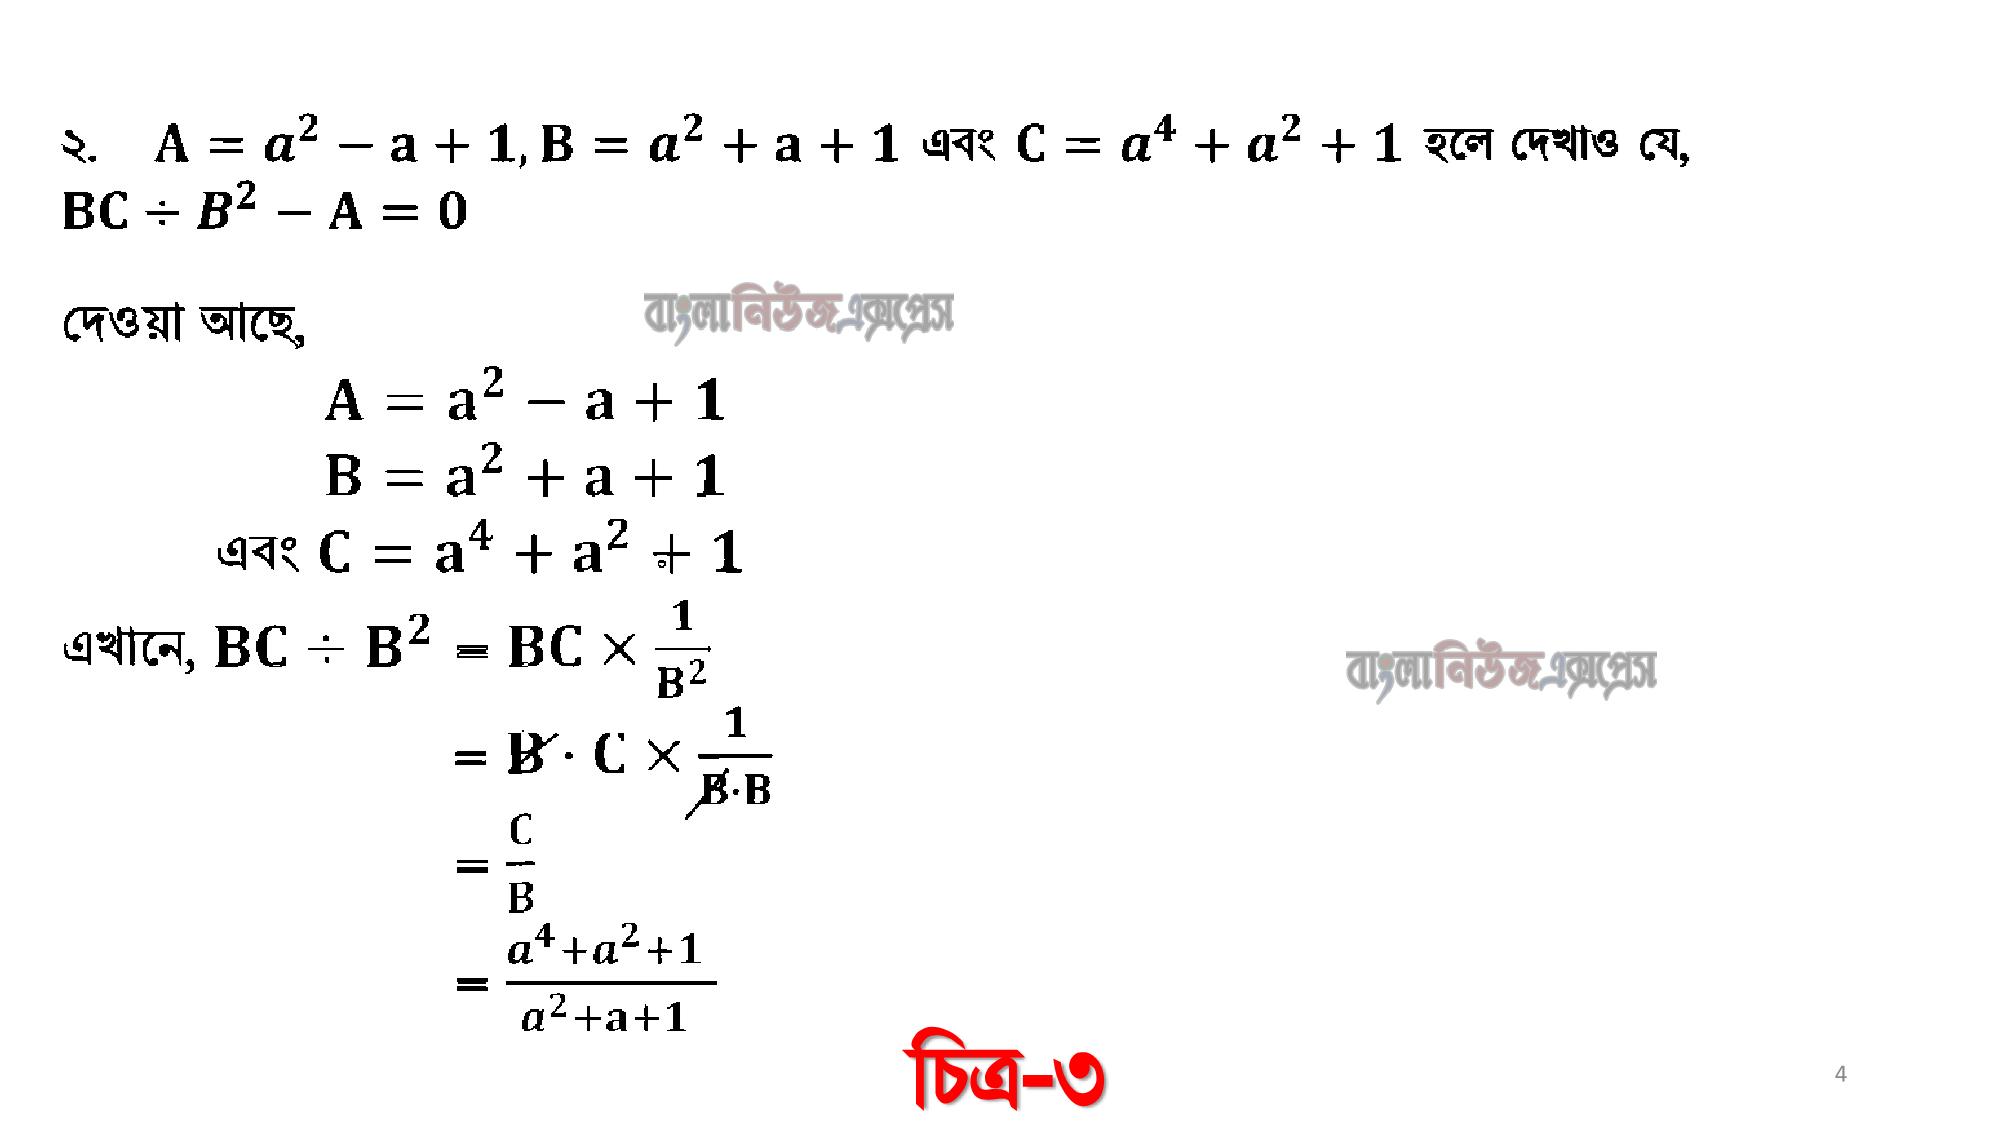 বীজগণিতীয় রাশির গুণের ক্ষেত্রে গুণের  সূচক বিধি ও বণ্টন বিধি উদাহরণসহ করার জন্য গুণের বিধিগুলাে  উদাহরণসহ  উল্লেখ কর।,  A = a2 = a + 1. ,B = a2 + a + 1এবংC = a4 + a2 + 1 হলে দেখাও যে, BC : B2 – A = 0. https://www.banglanewsexpress.com/